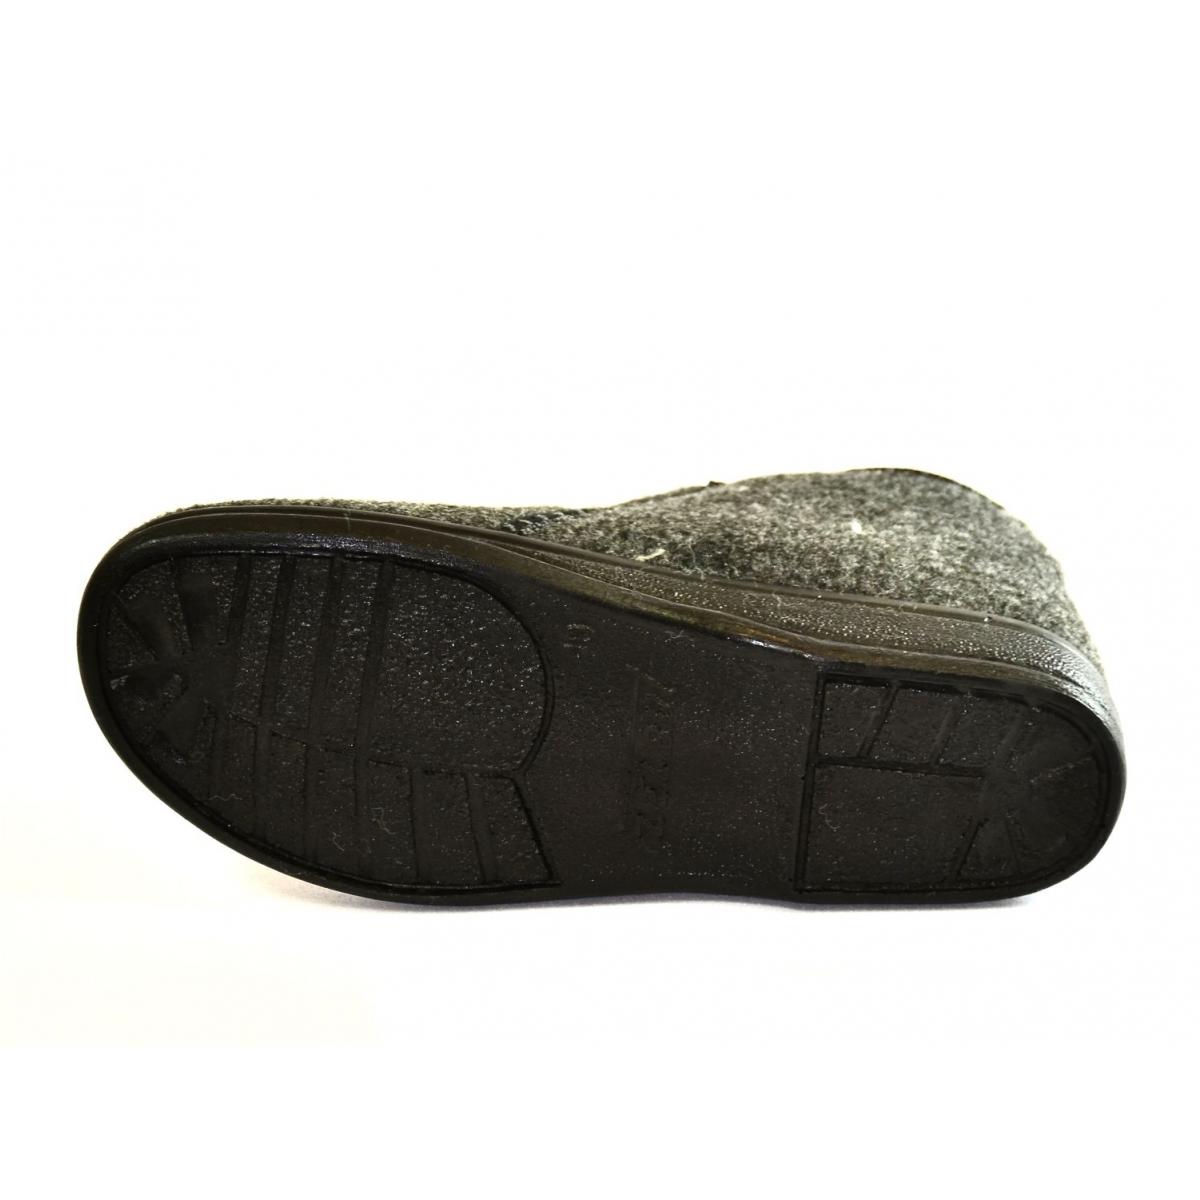 eb7c390c74d3 Pánske sivé zateplené papuče MINRO - 4